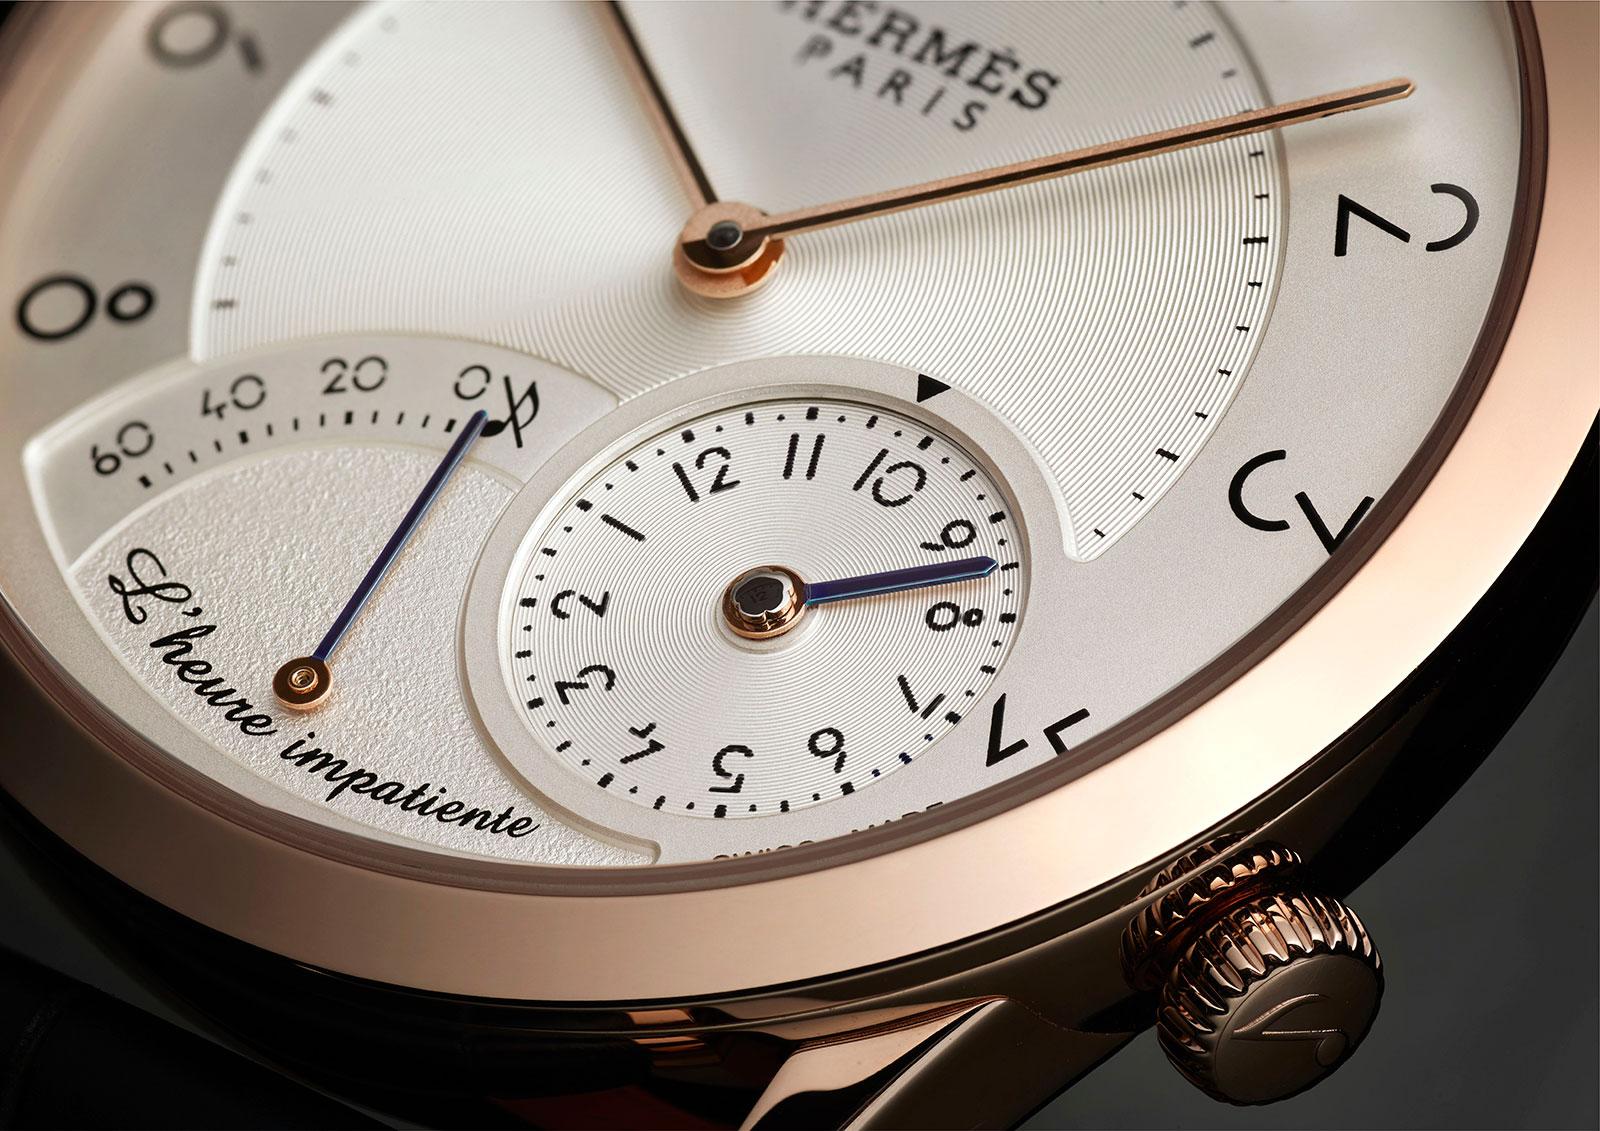 Hermes Slim d'Hermès L'heure impatiente 5